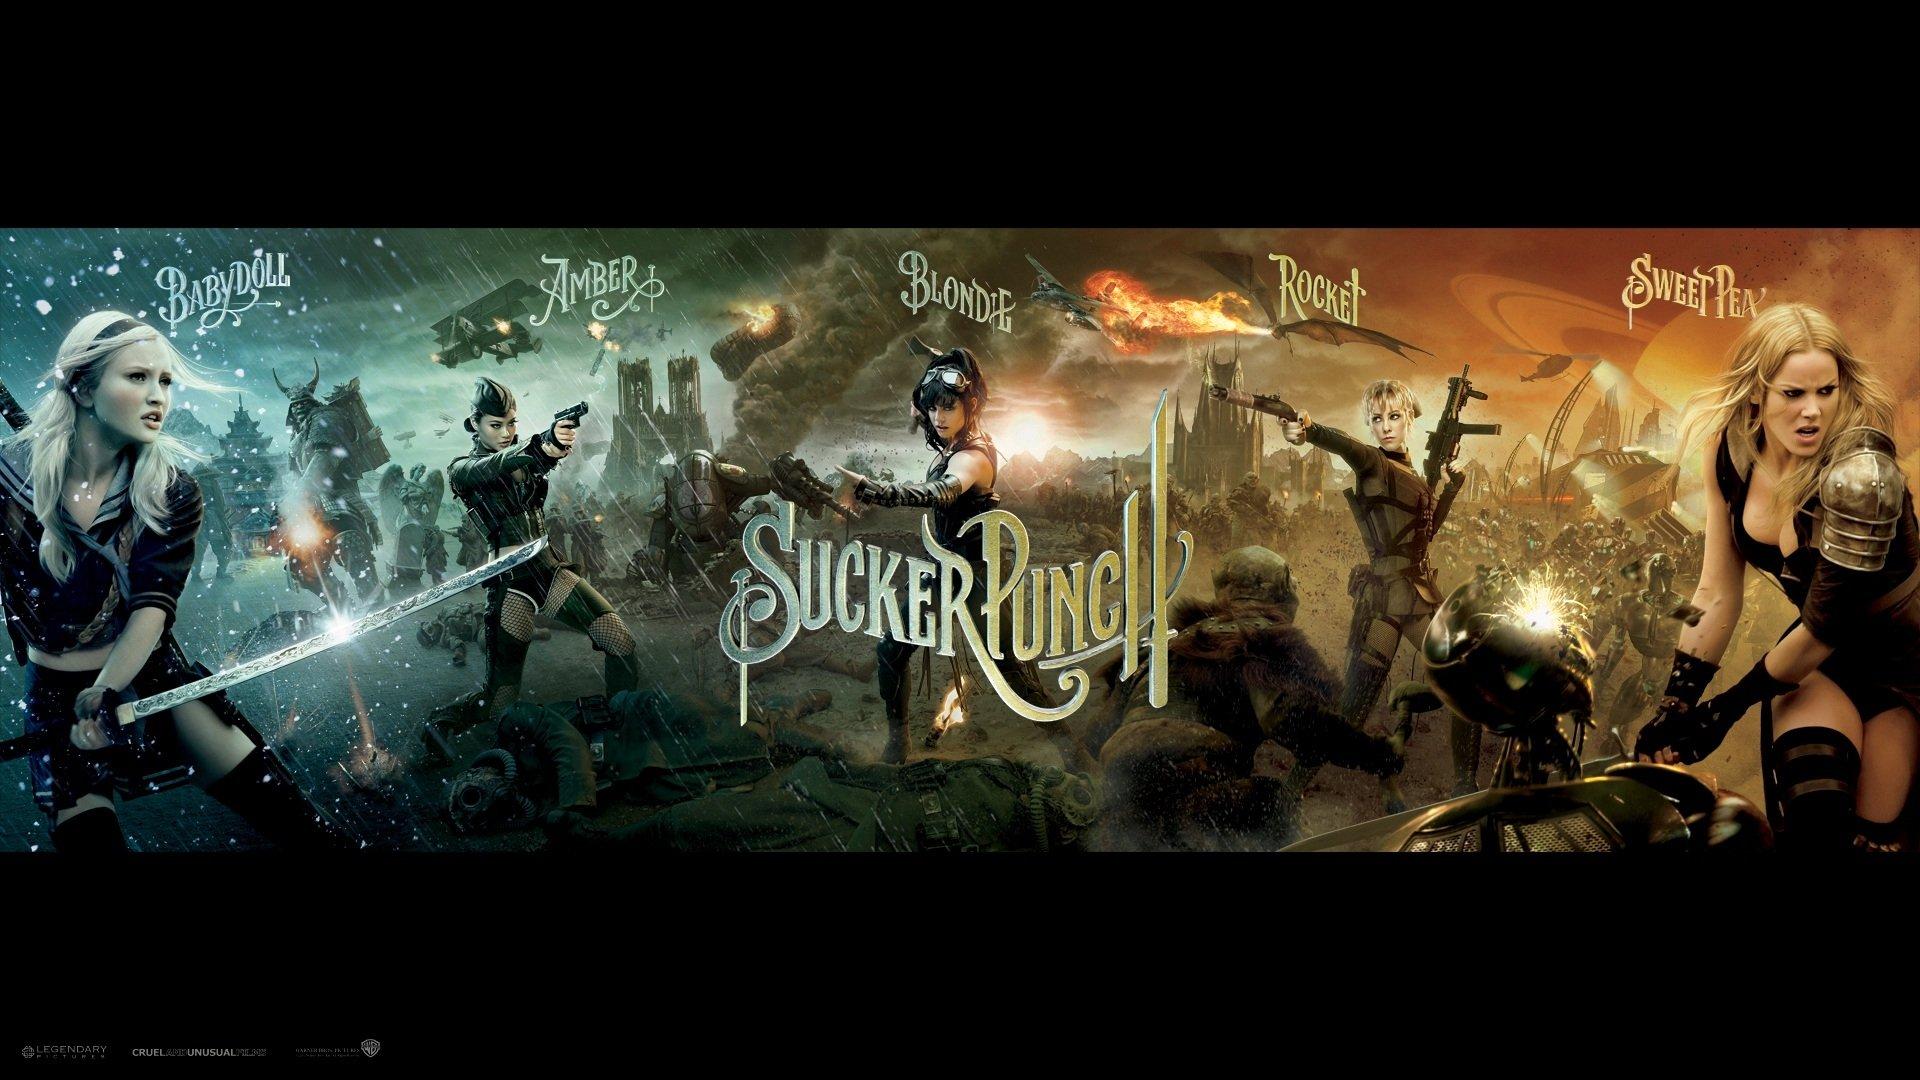 Samurai warriors sucker punch wallpaper 6891 - Amber Jamie Chung Sucker Punch Fond D Cran Hd Arri Re Plan Id 275275